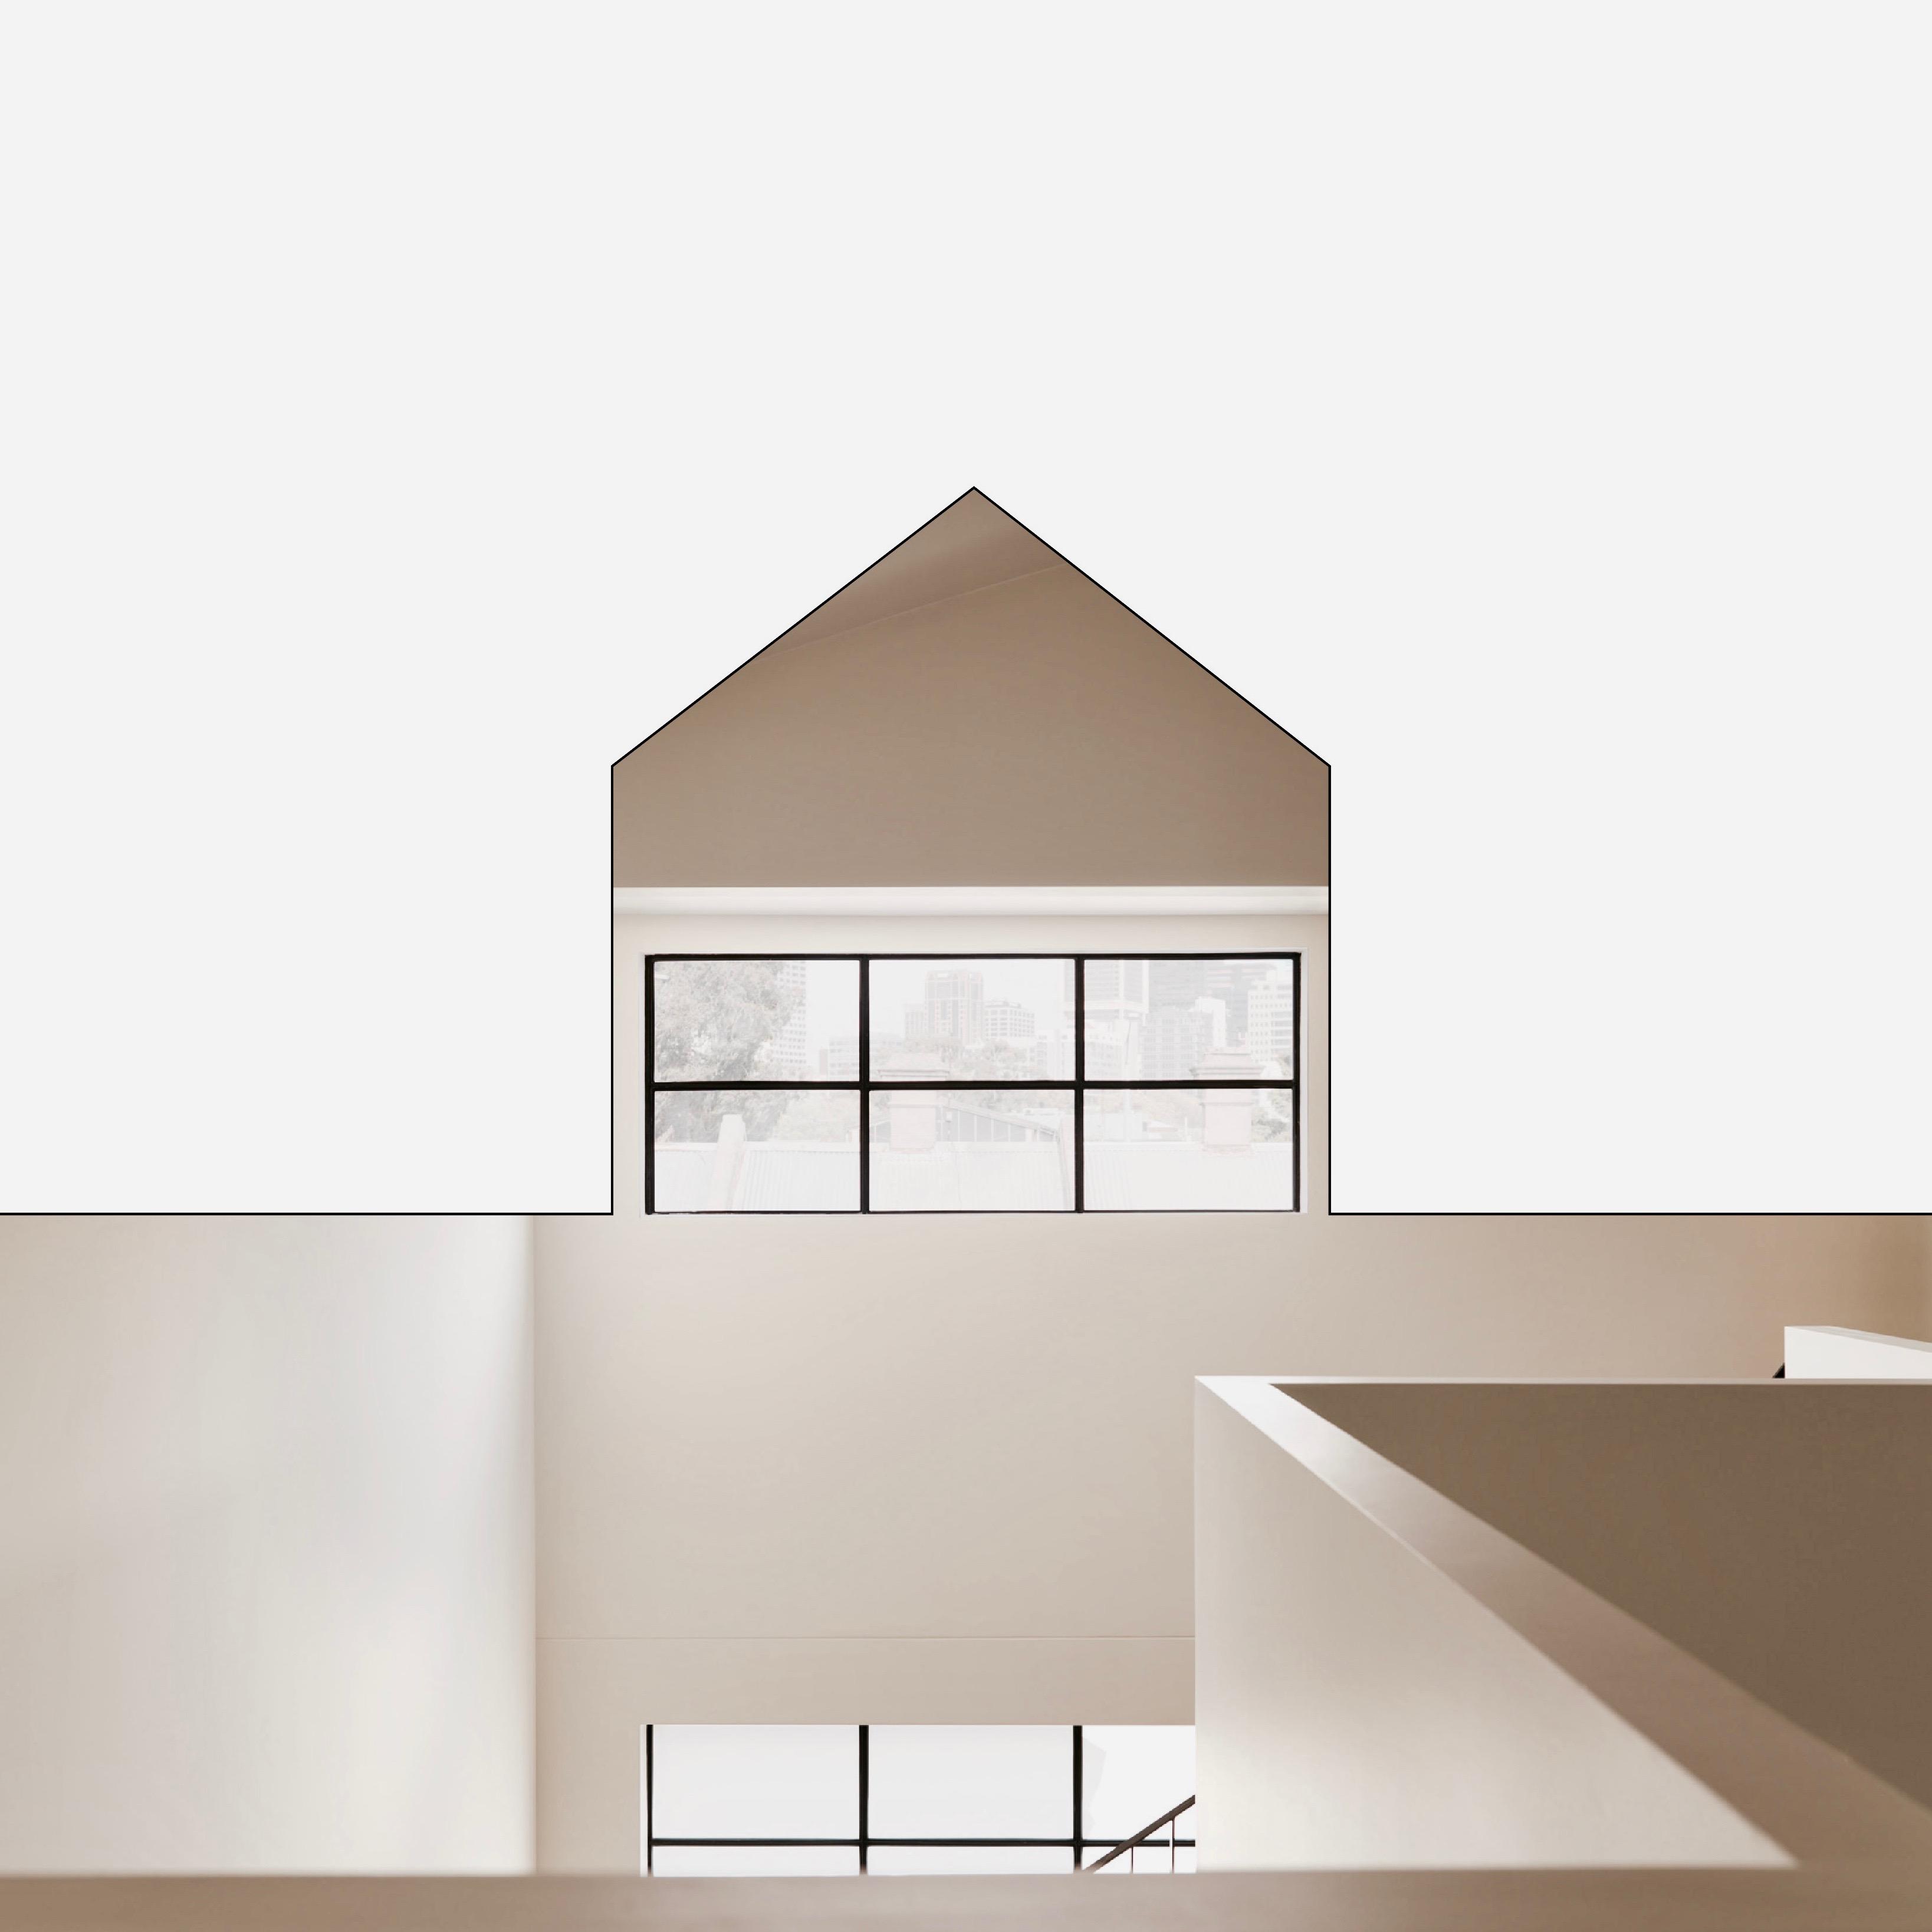 Gezellig House Illustrated Design with shading